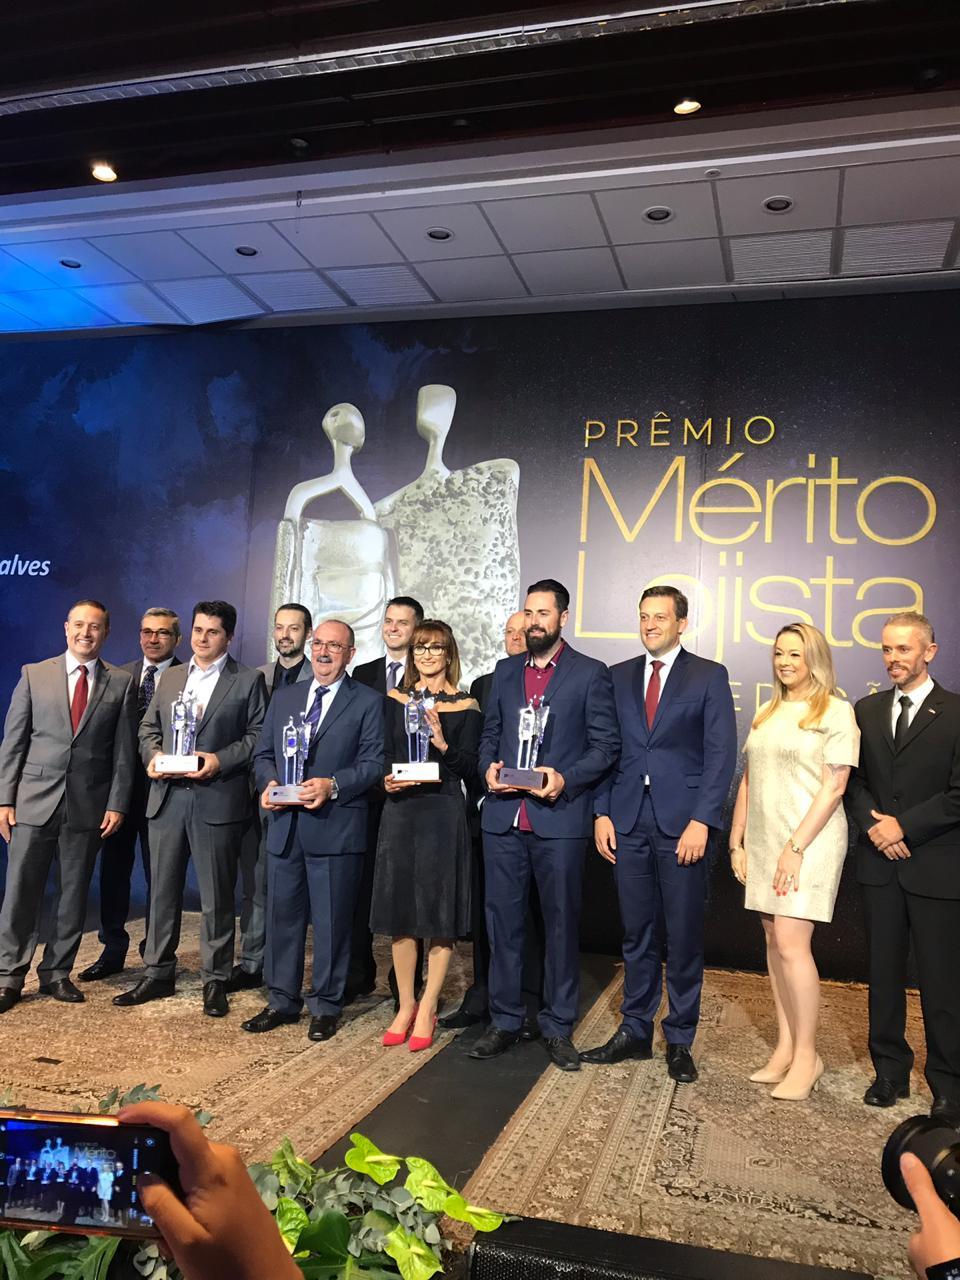 caita_supermercados_premio_merito_logista_bento_07